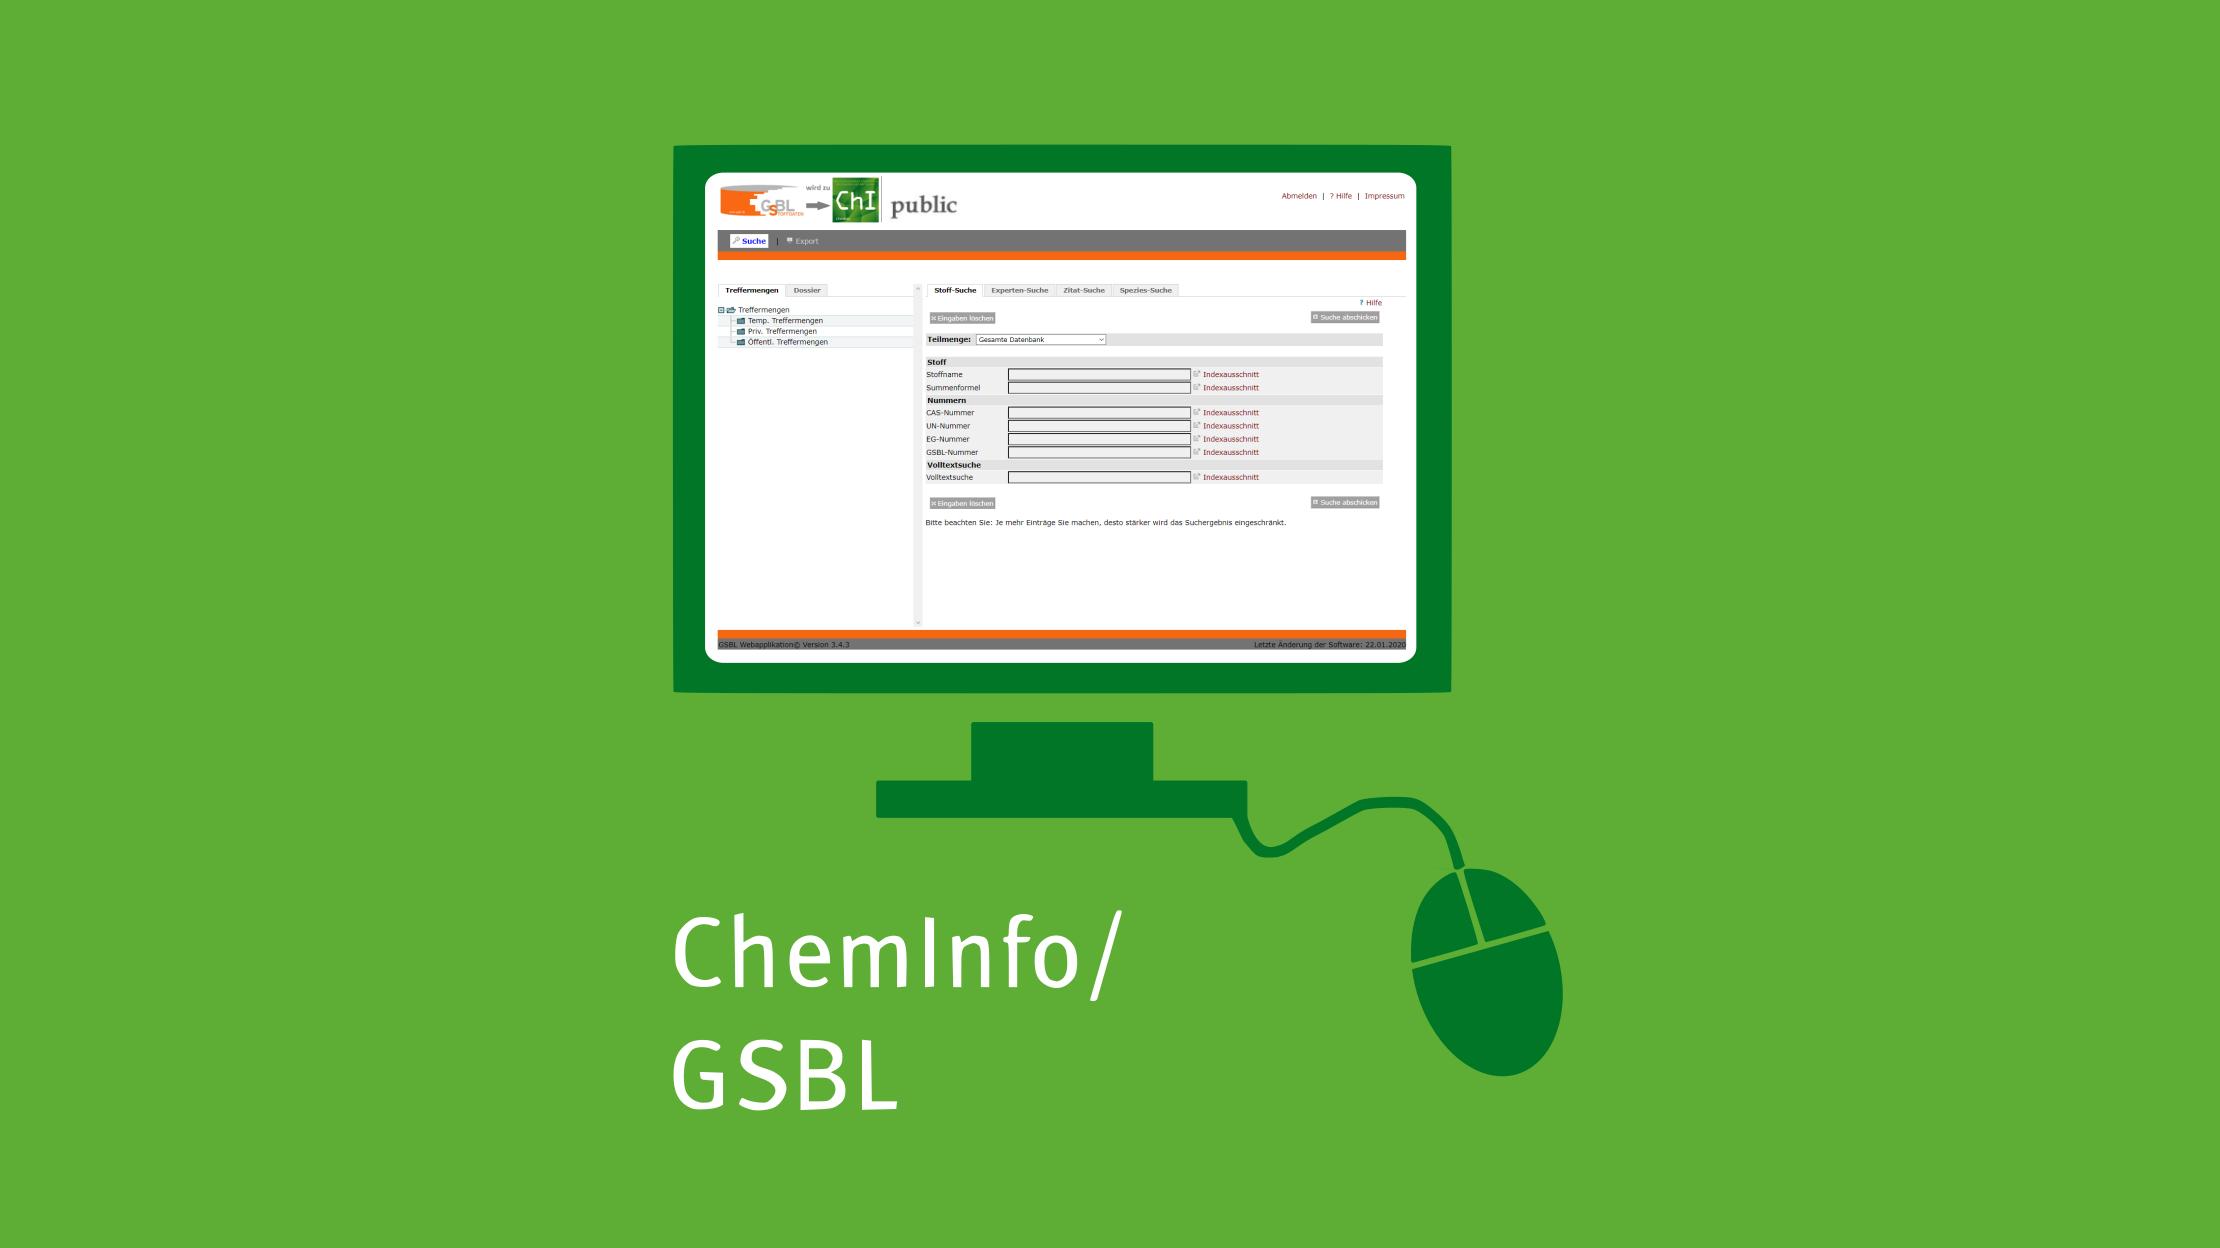 Mit Klick aufs Bild gelangen Sie zur verlinkten ChemInfo-Datenbank-Website.